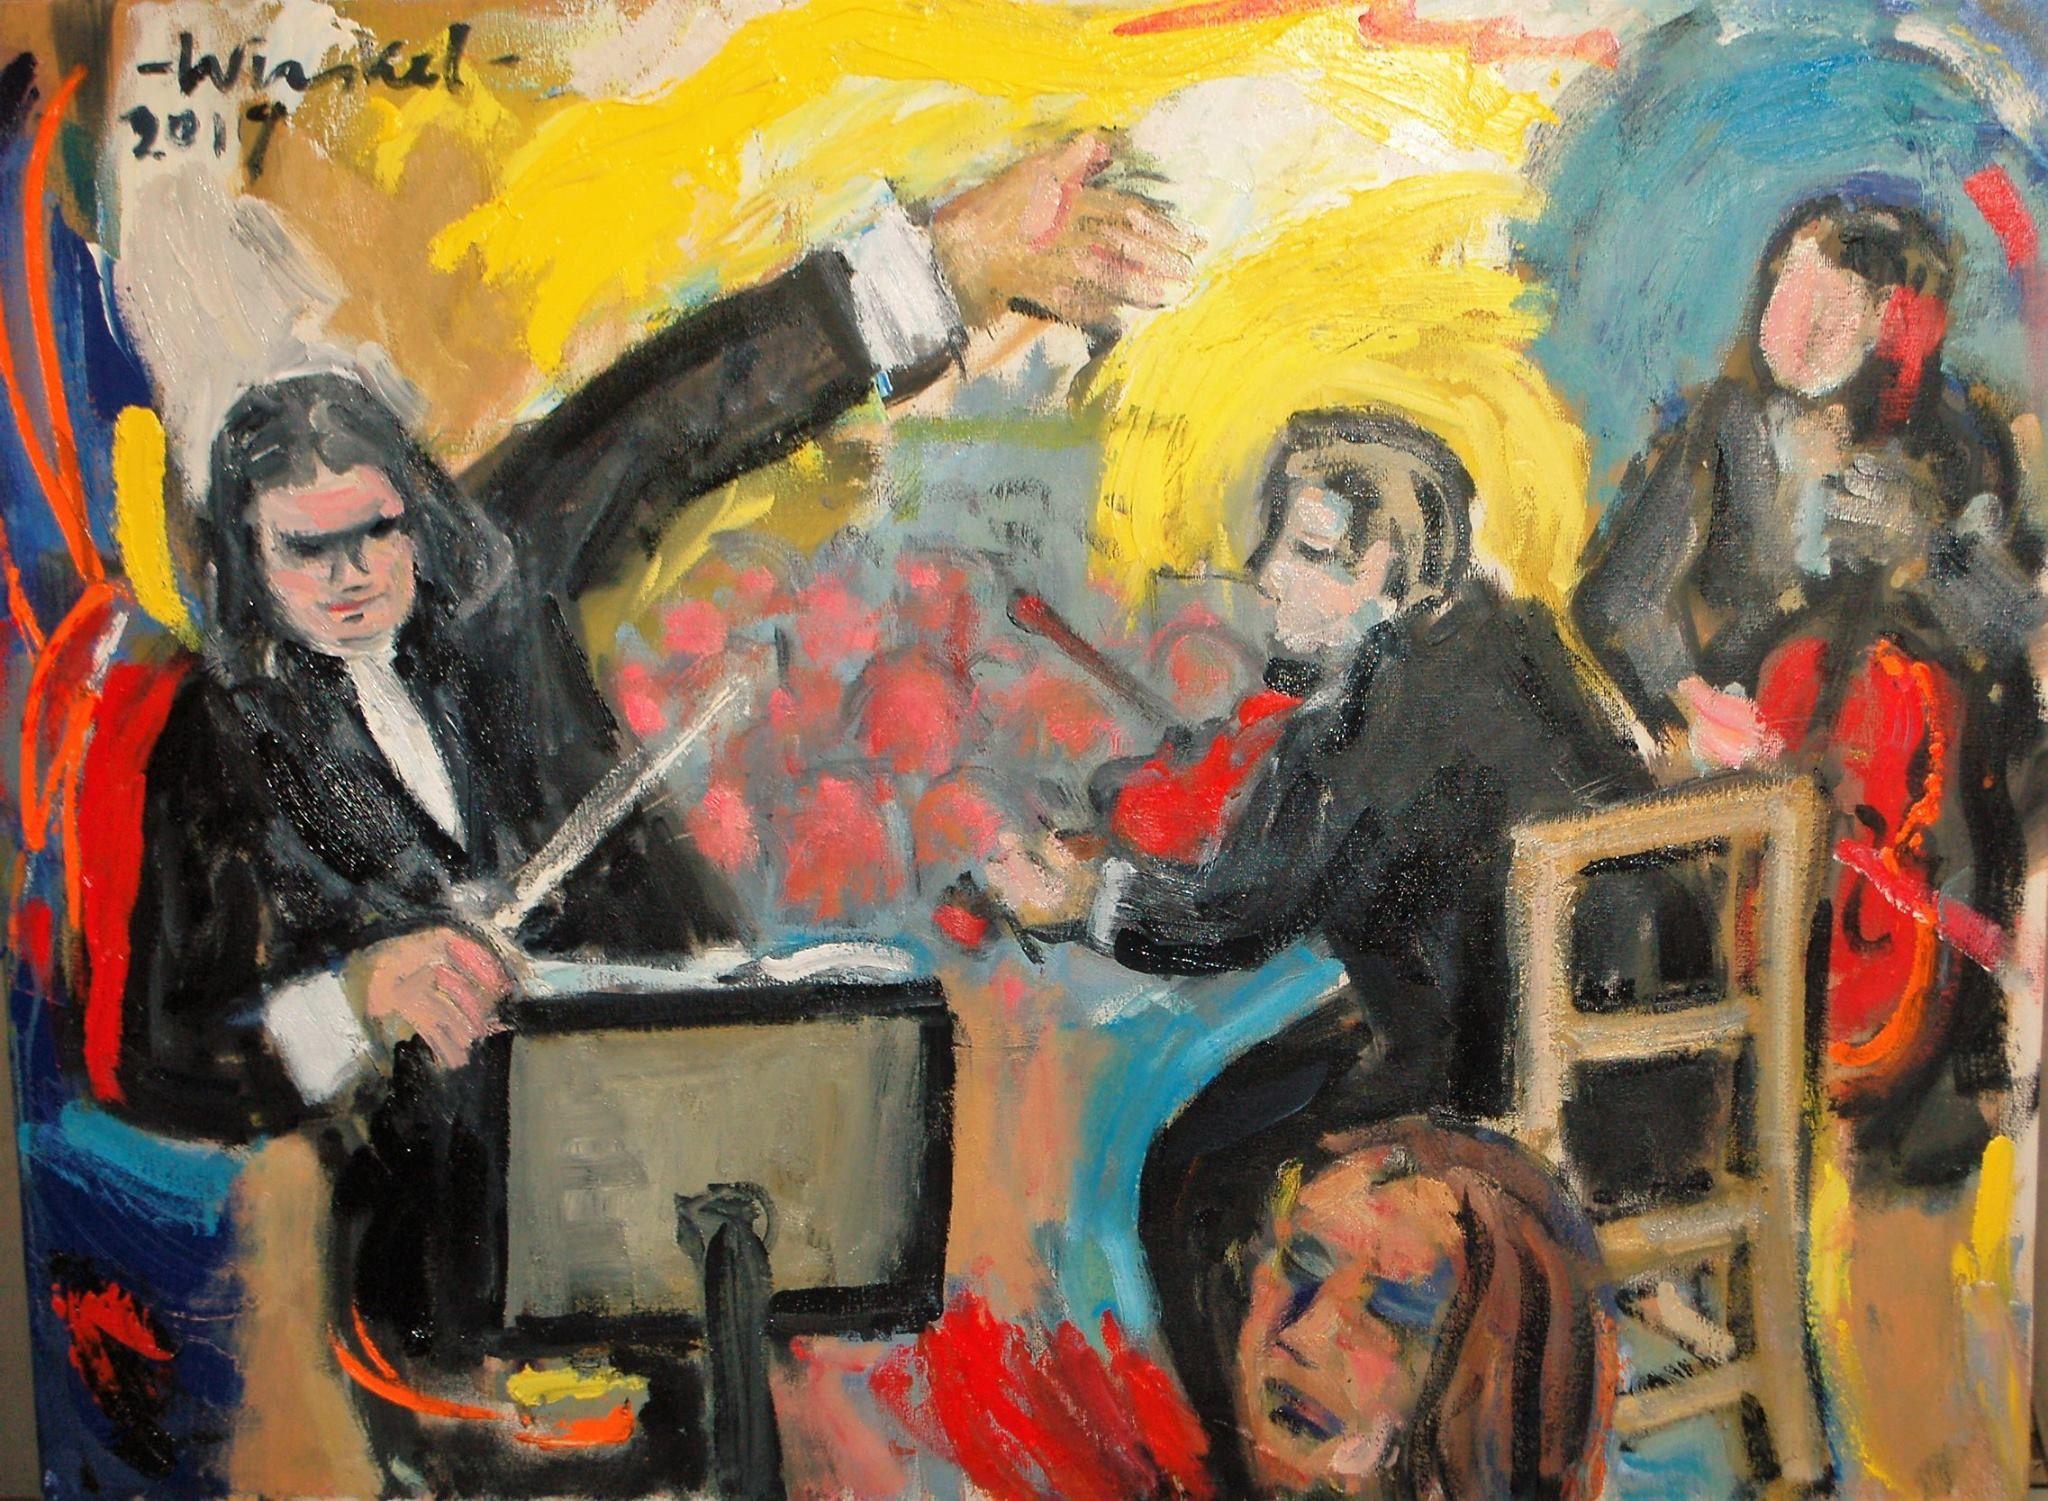 Citaten Hedendaagse Kunstenaars : Pin van katarina op hedendaagse kunstenaars pinterest